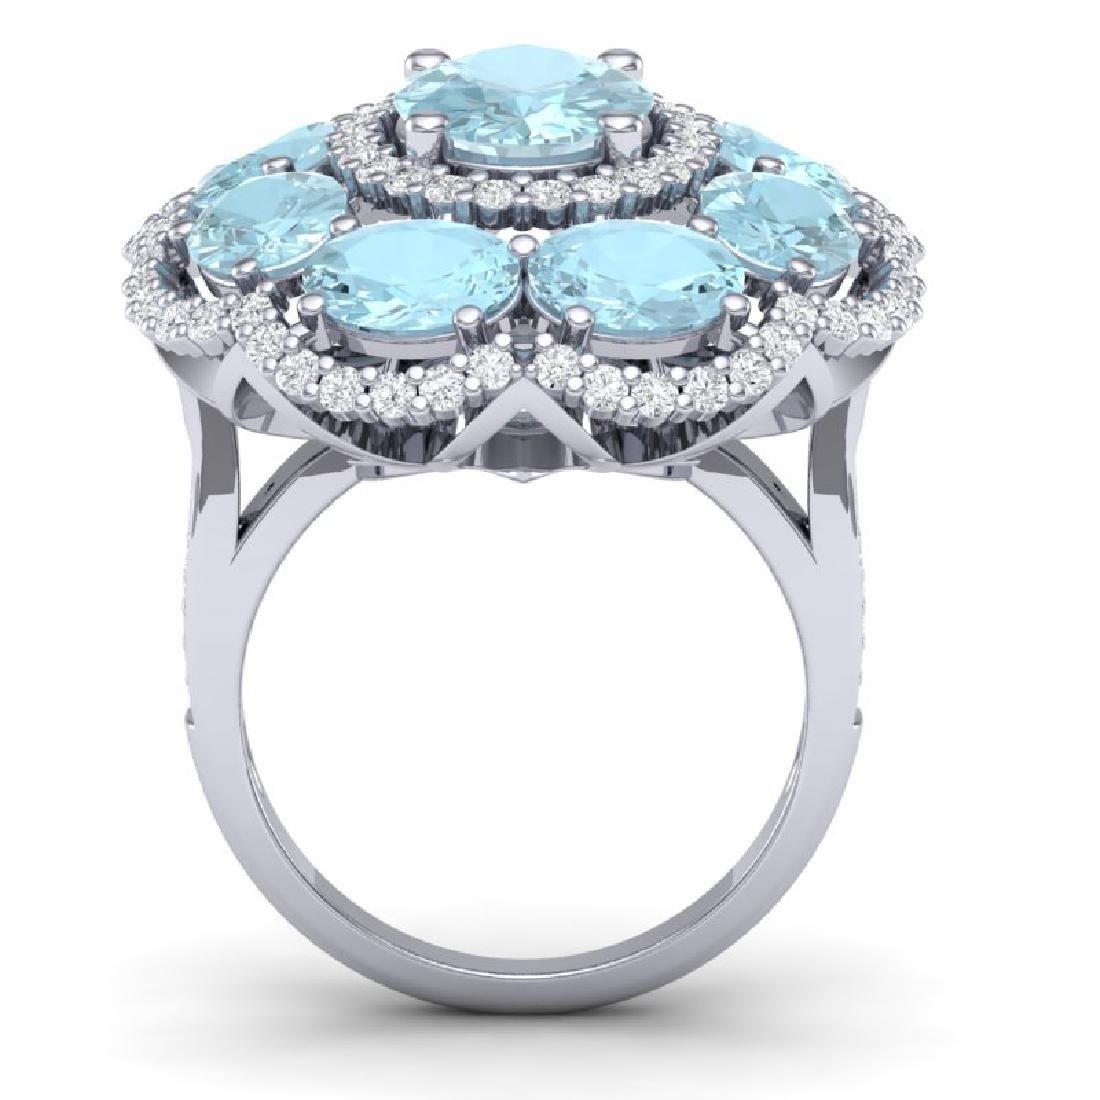 14.89 CTW Royalty Sky Topaz & VS Diamond Ring 18K White - 3